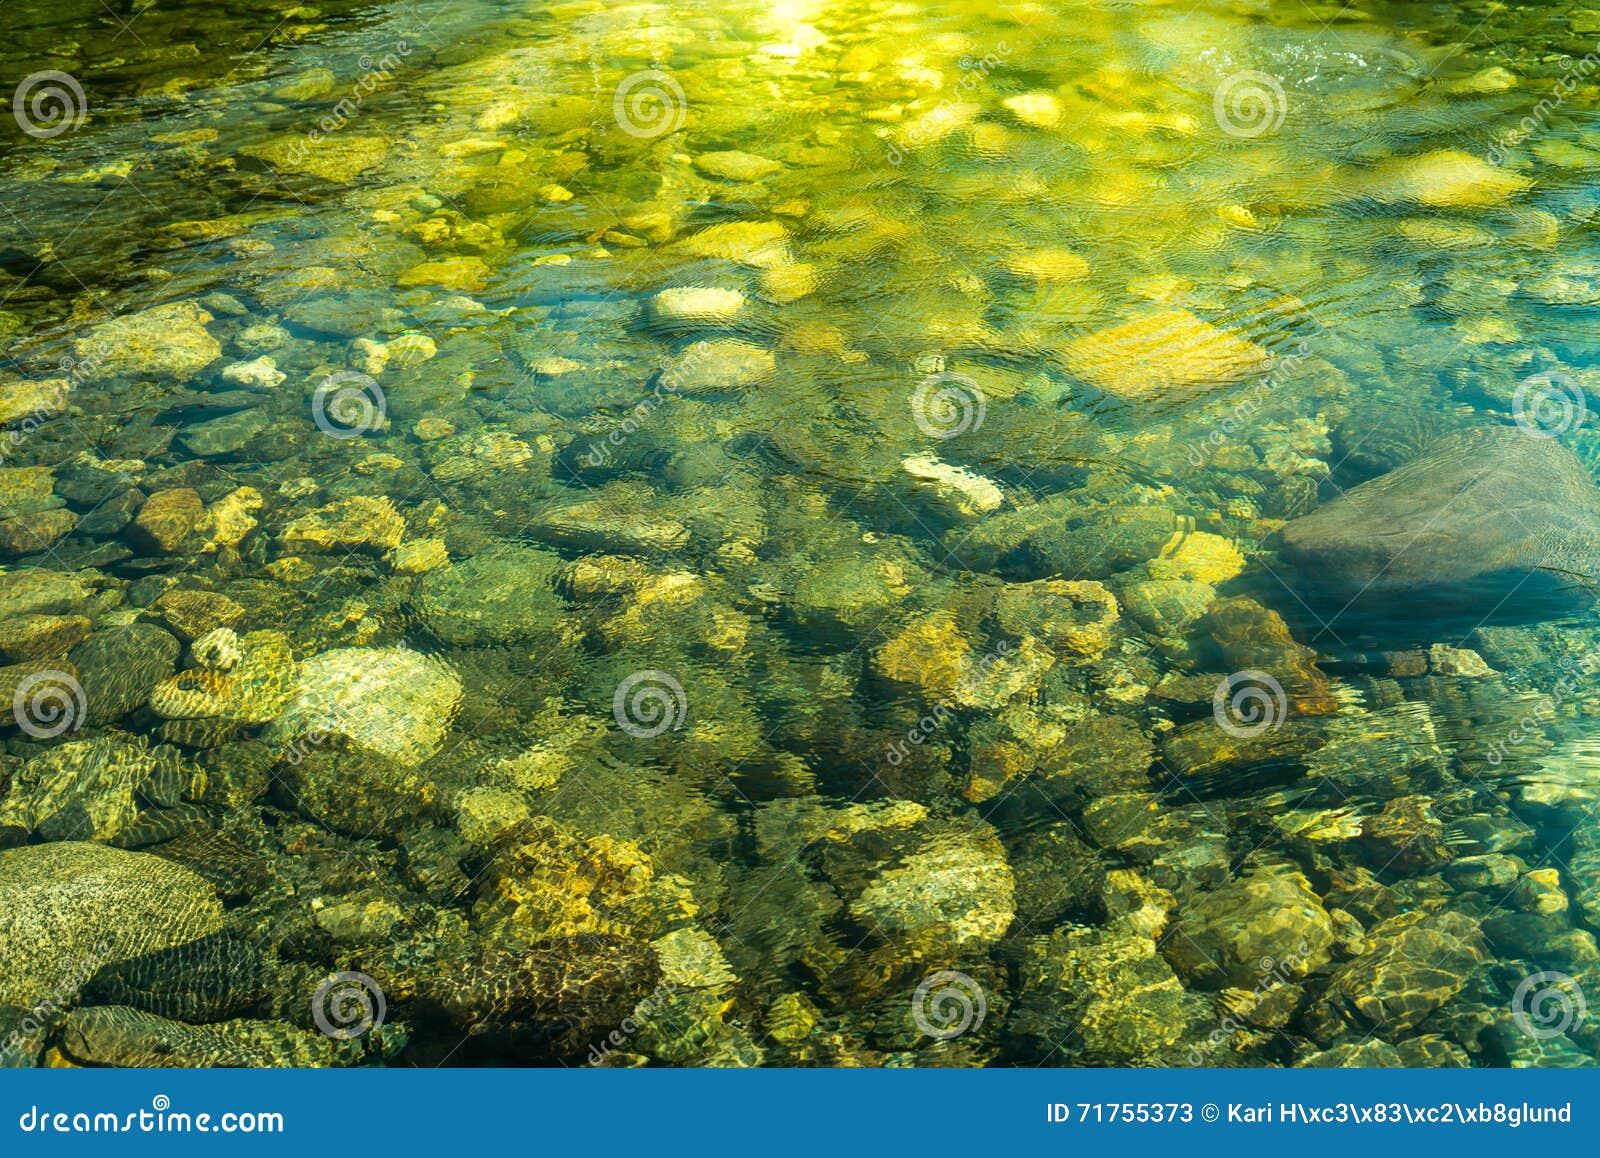 Κυματίζοντας νερό με την ηλιαχτίδα και πέτρες στο νερό